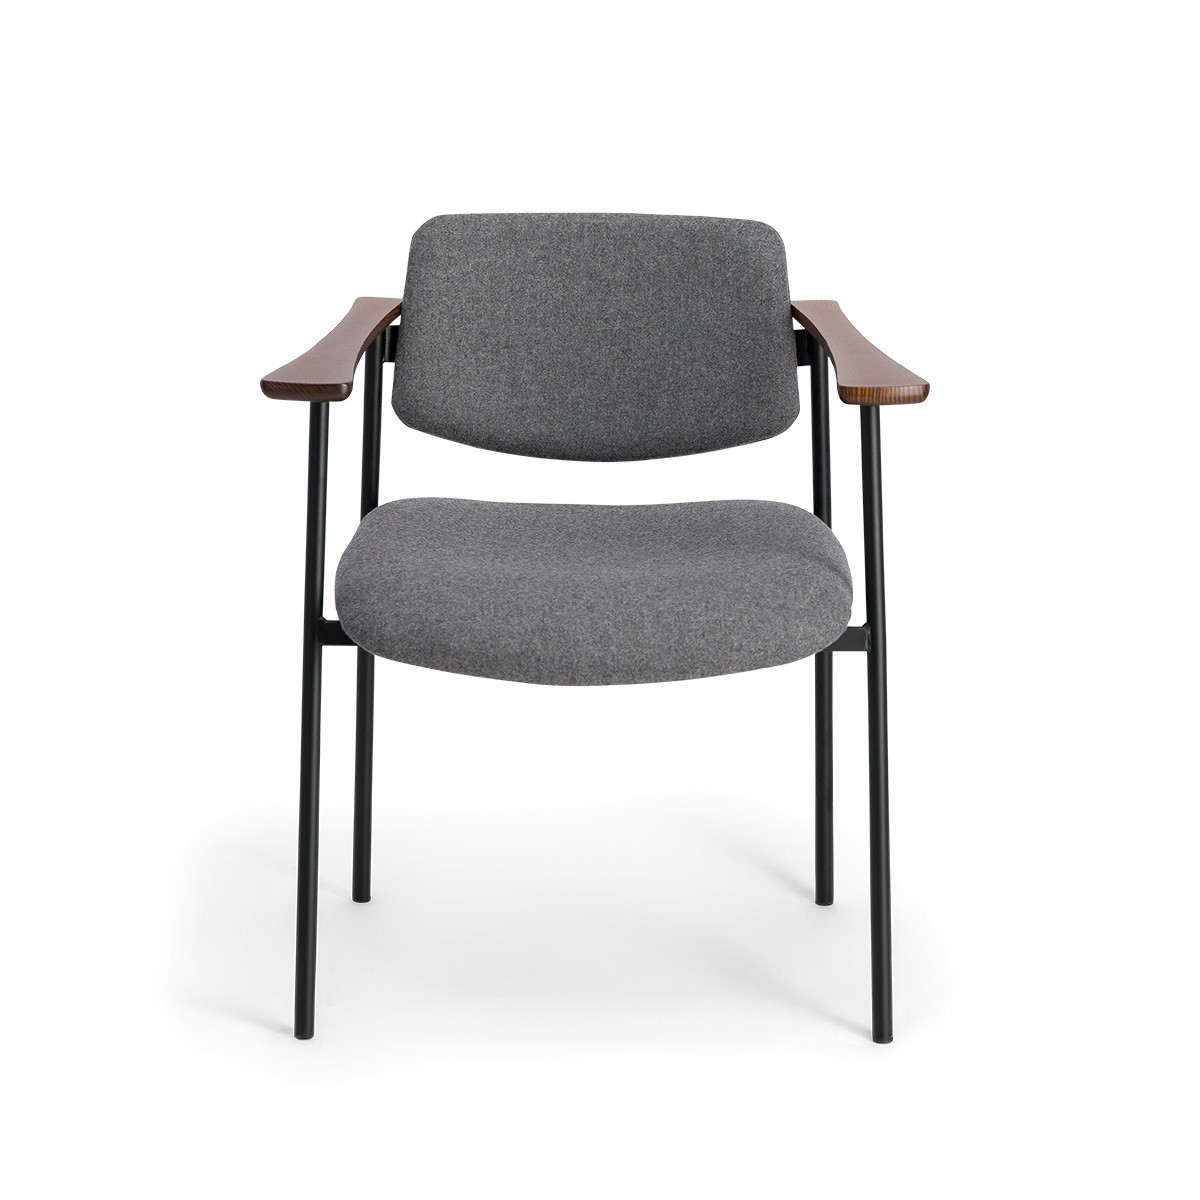 Chaise Pio bois brun feutre gris